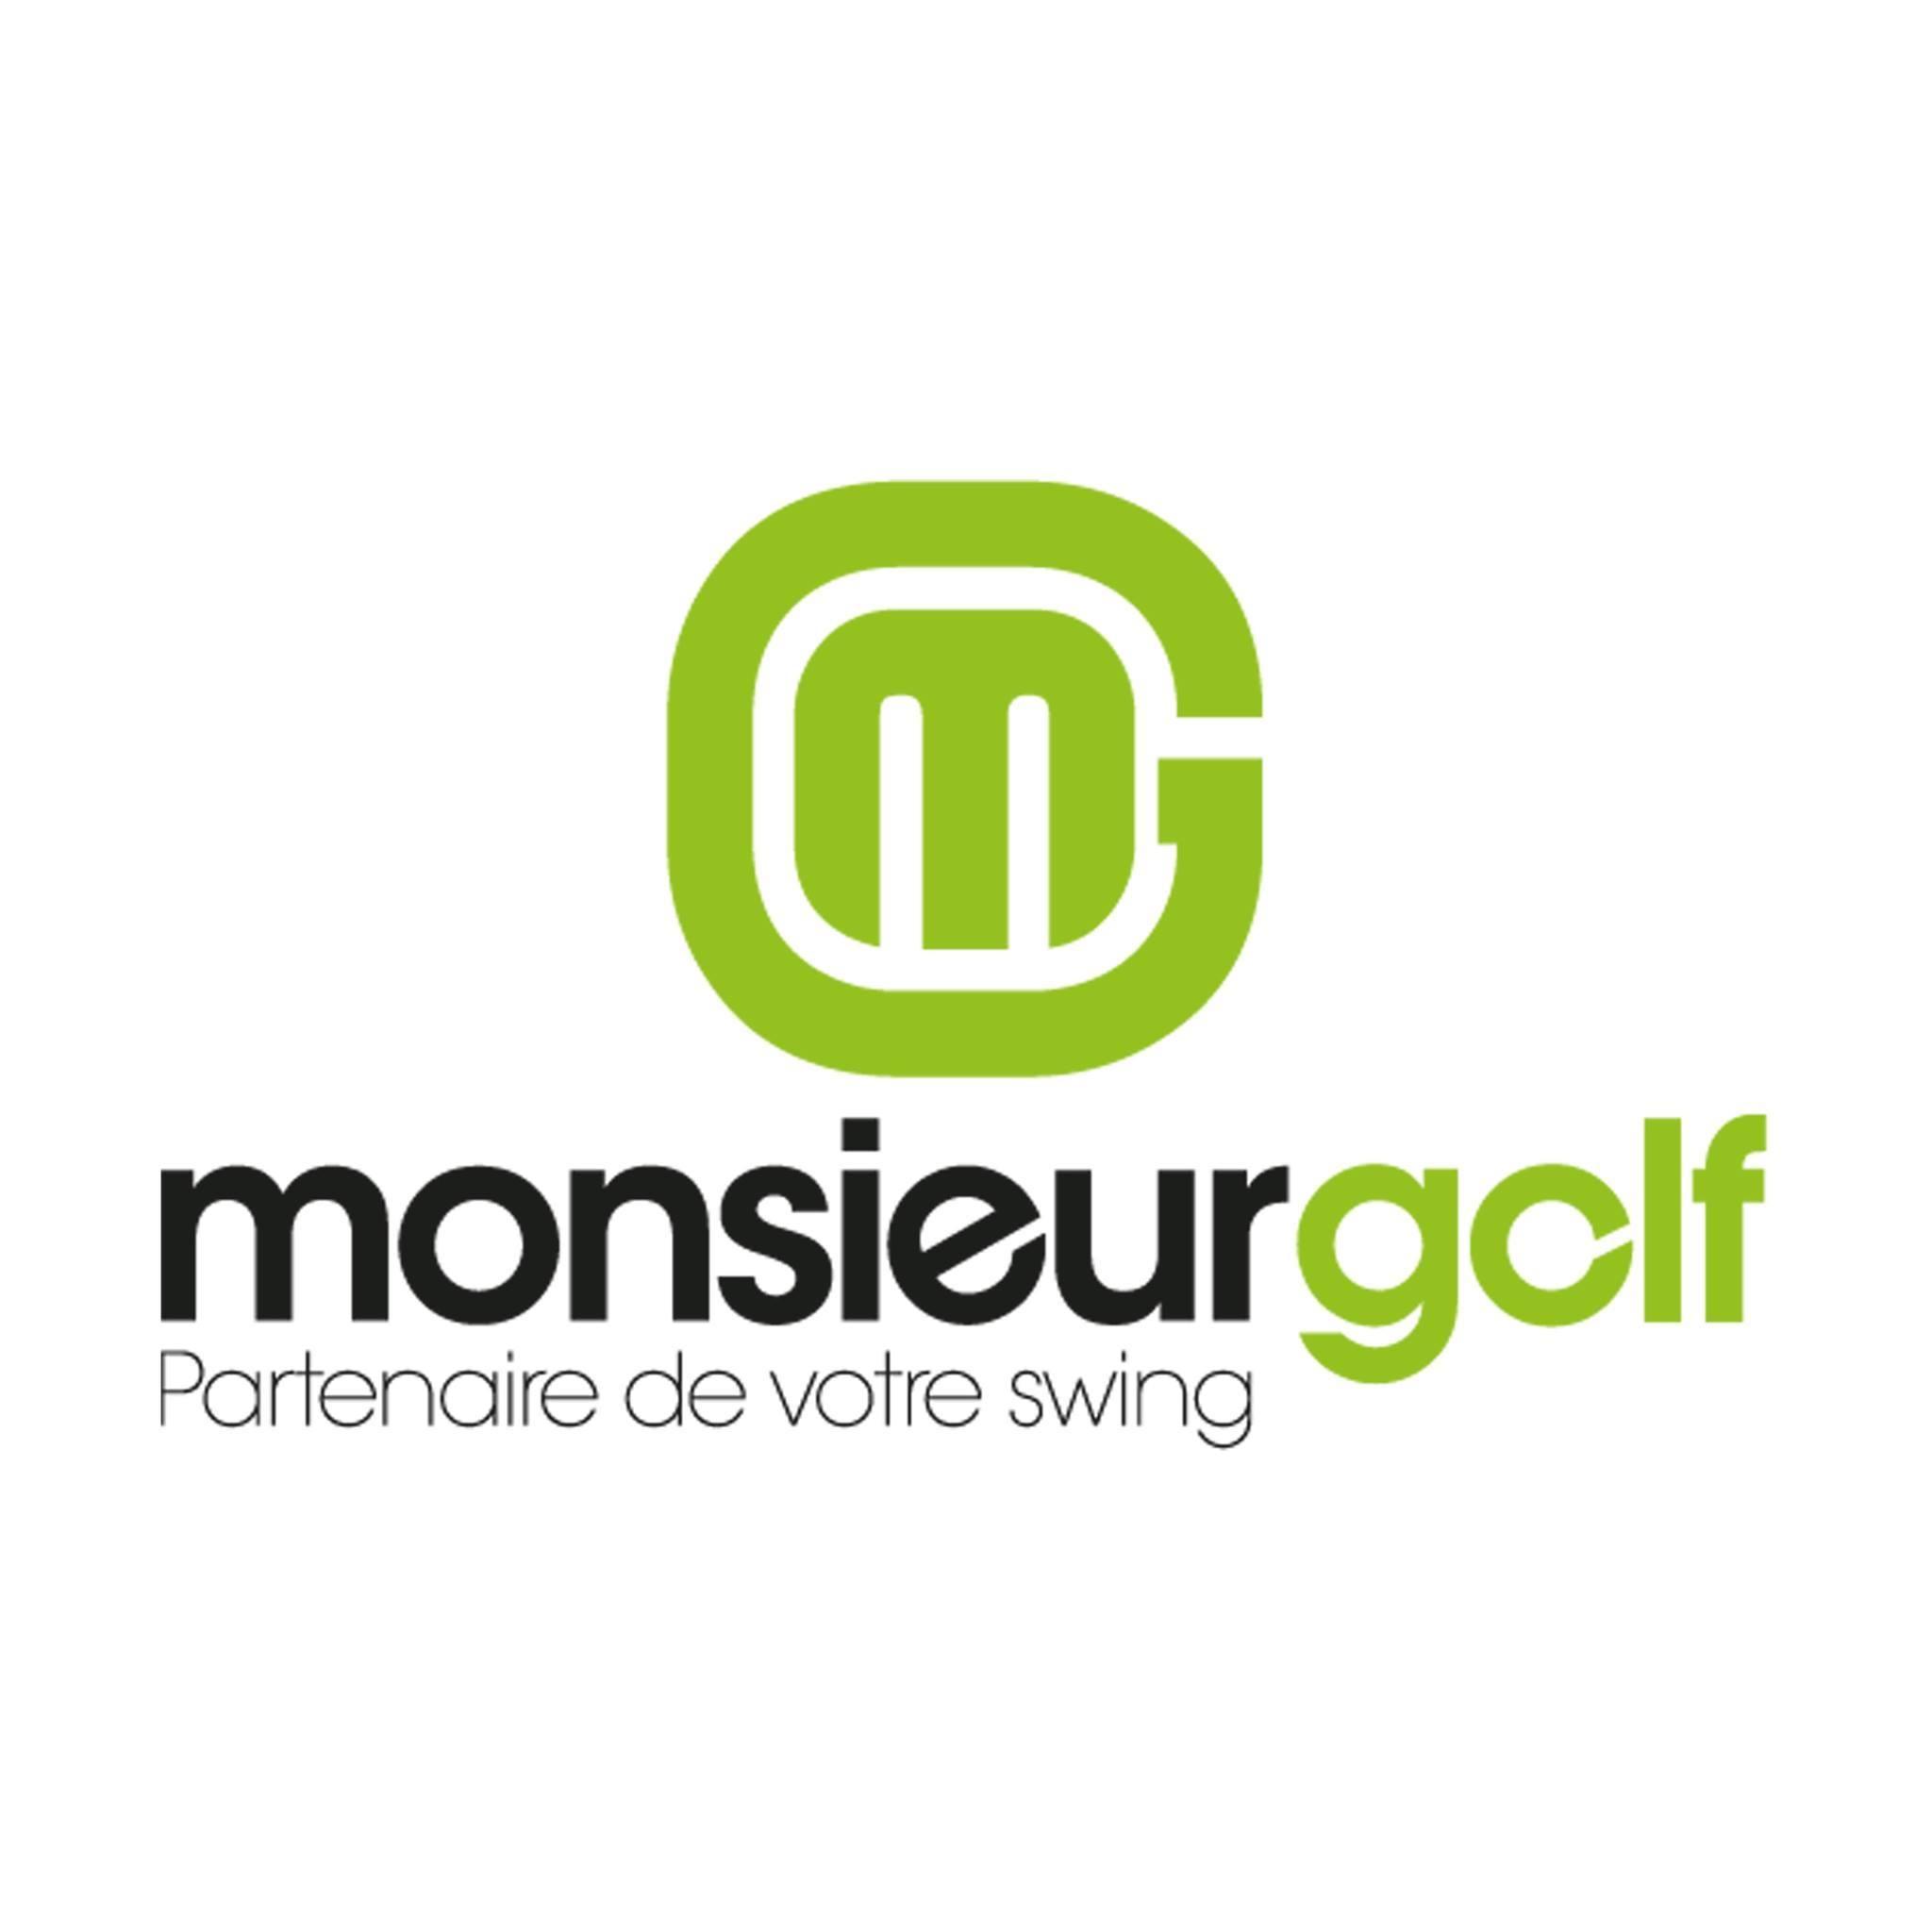 Monsieurgolf - Boutique de vente de matériel de golf - Lecoingolf